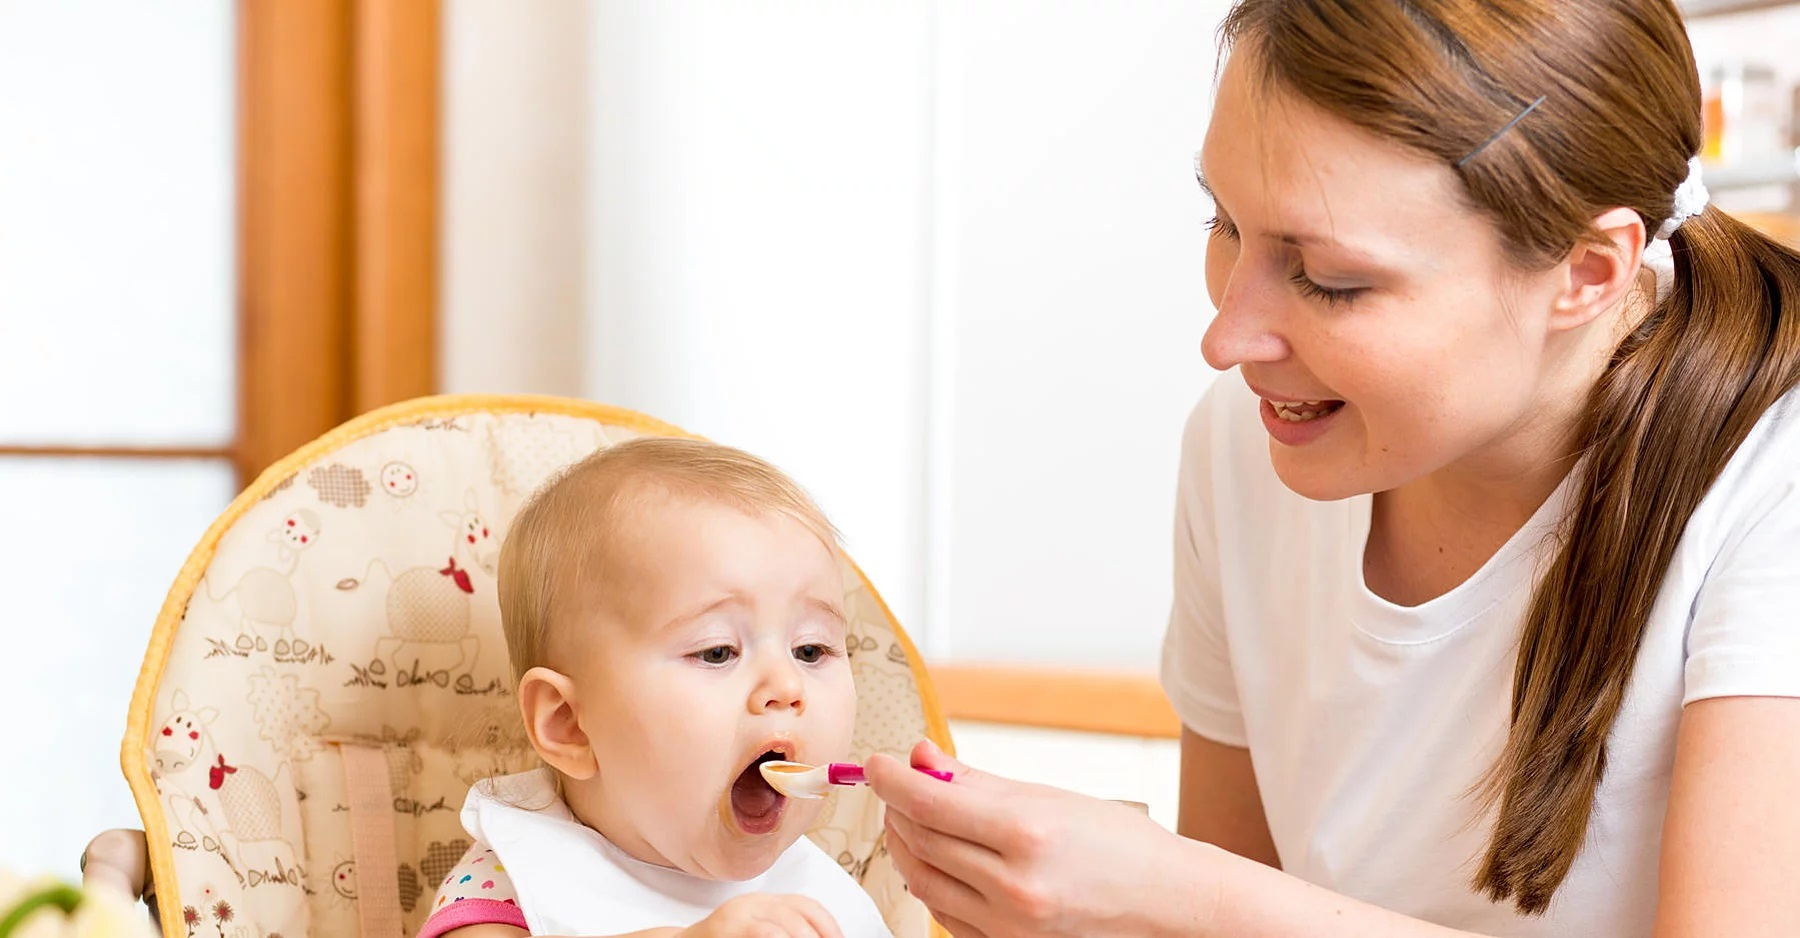 Alimentação para bebê de 1 ano: o que deve ser evitado